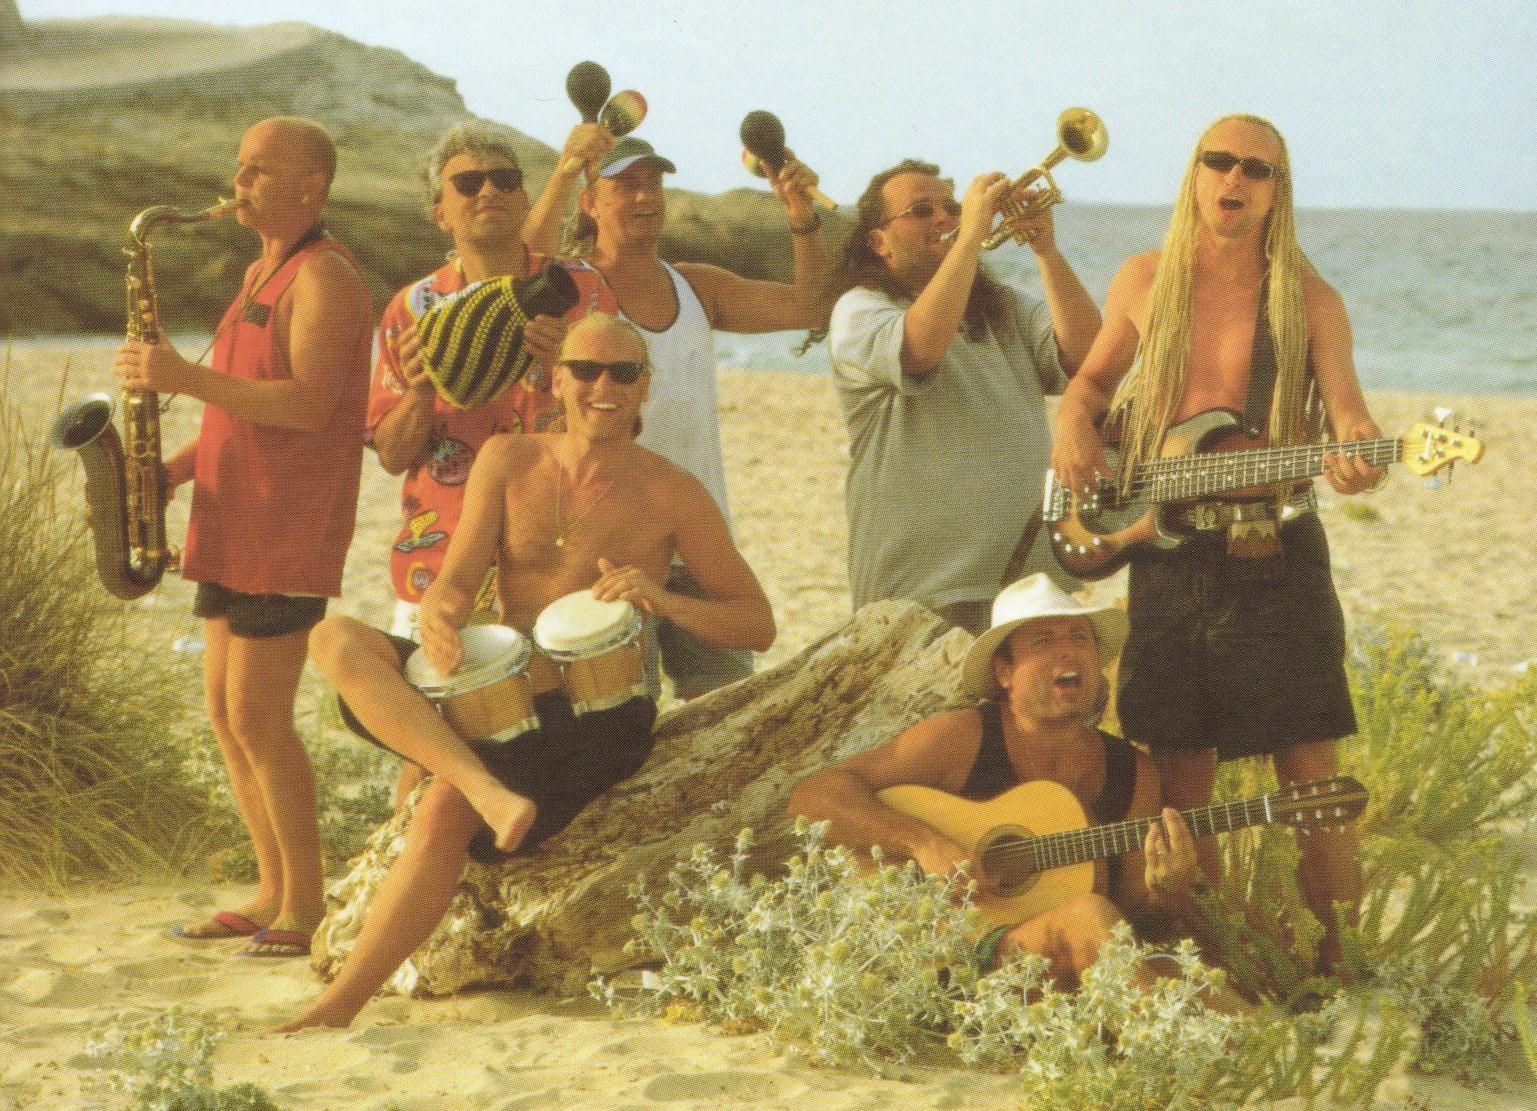 YoYo Band